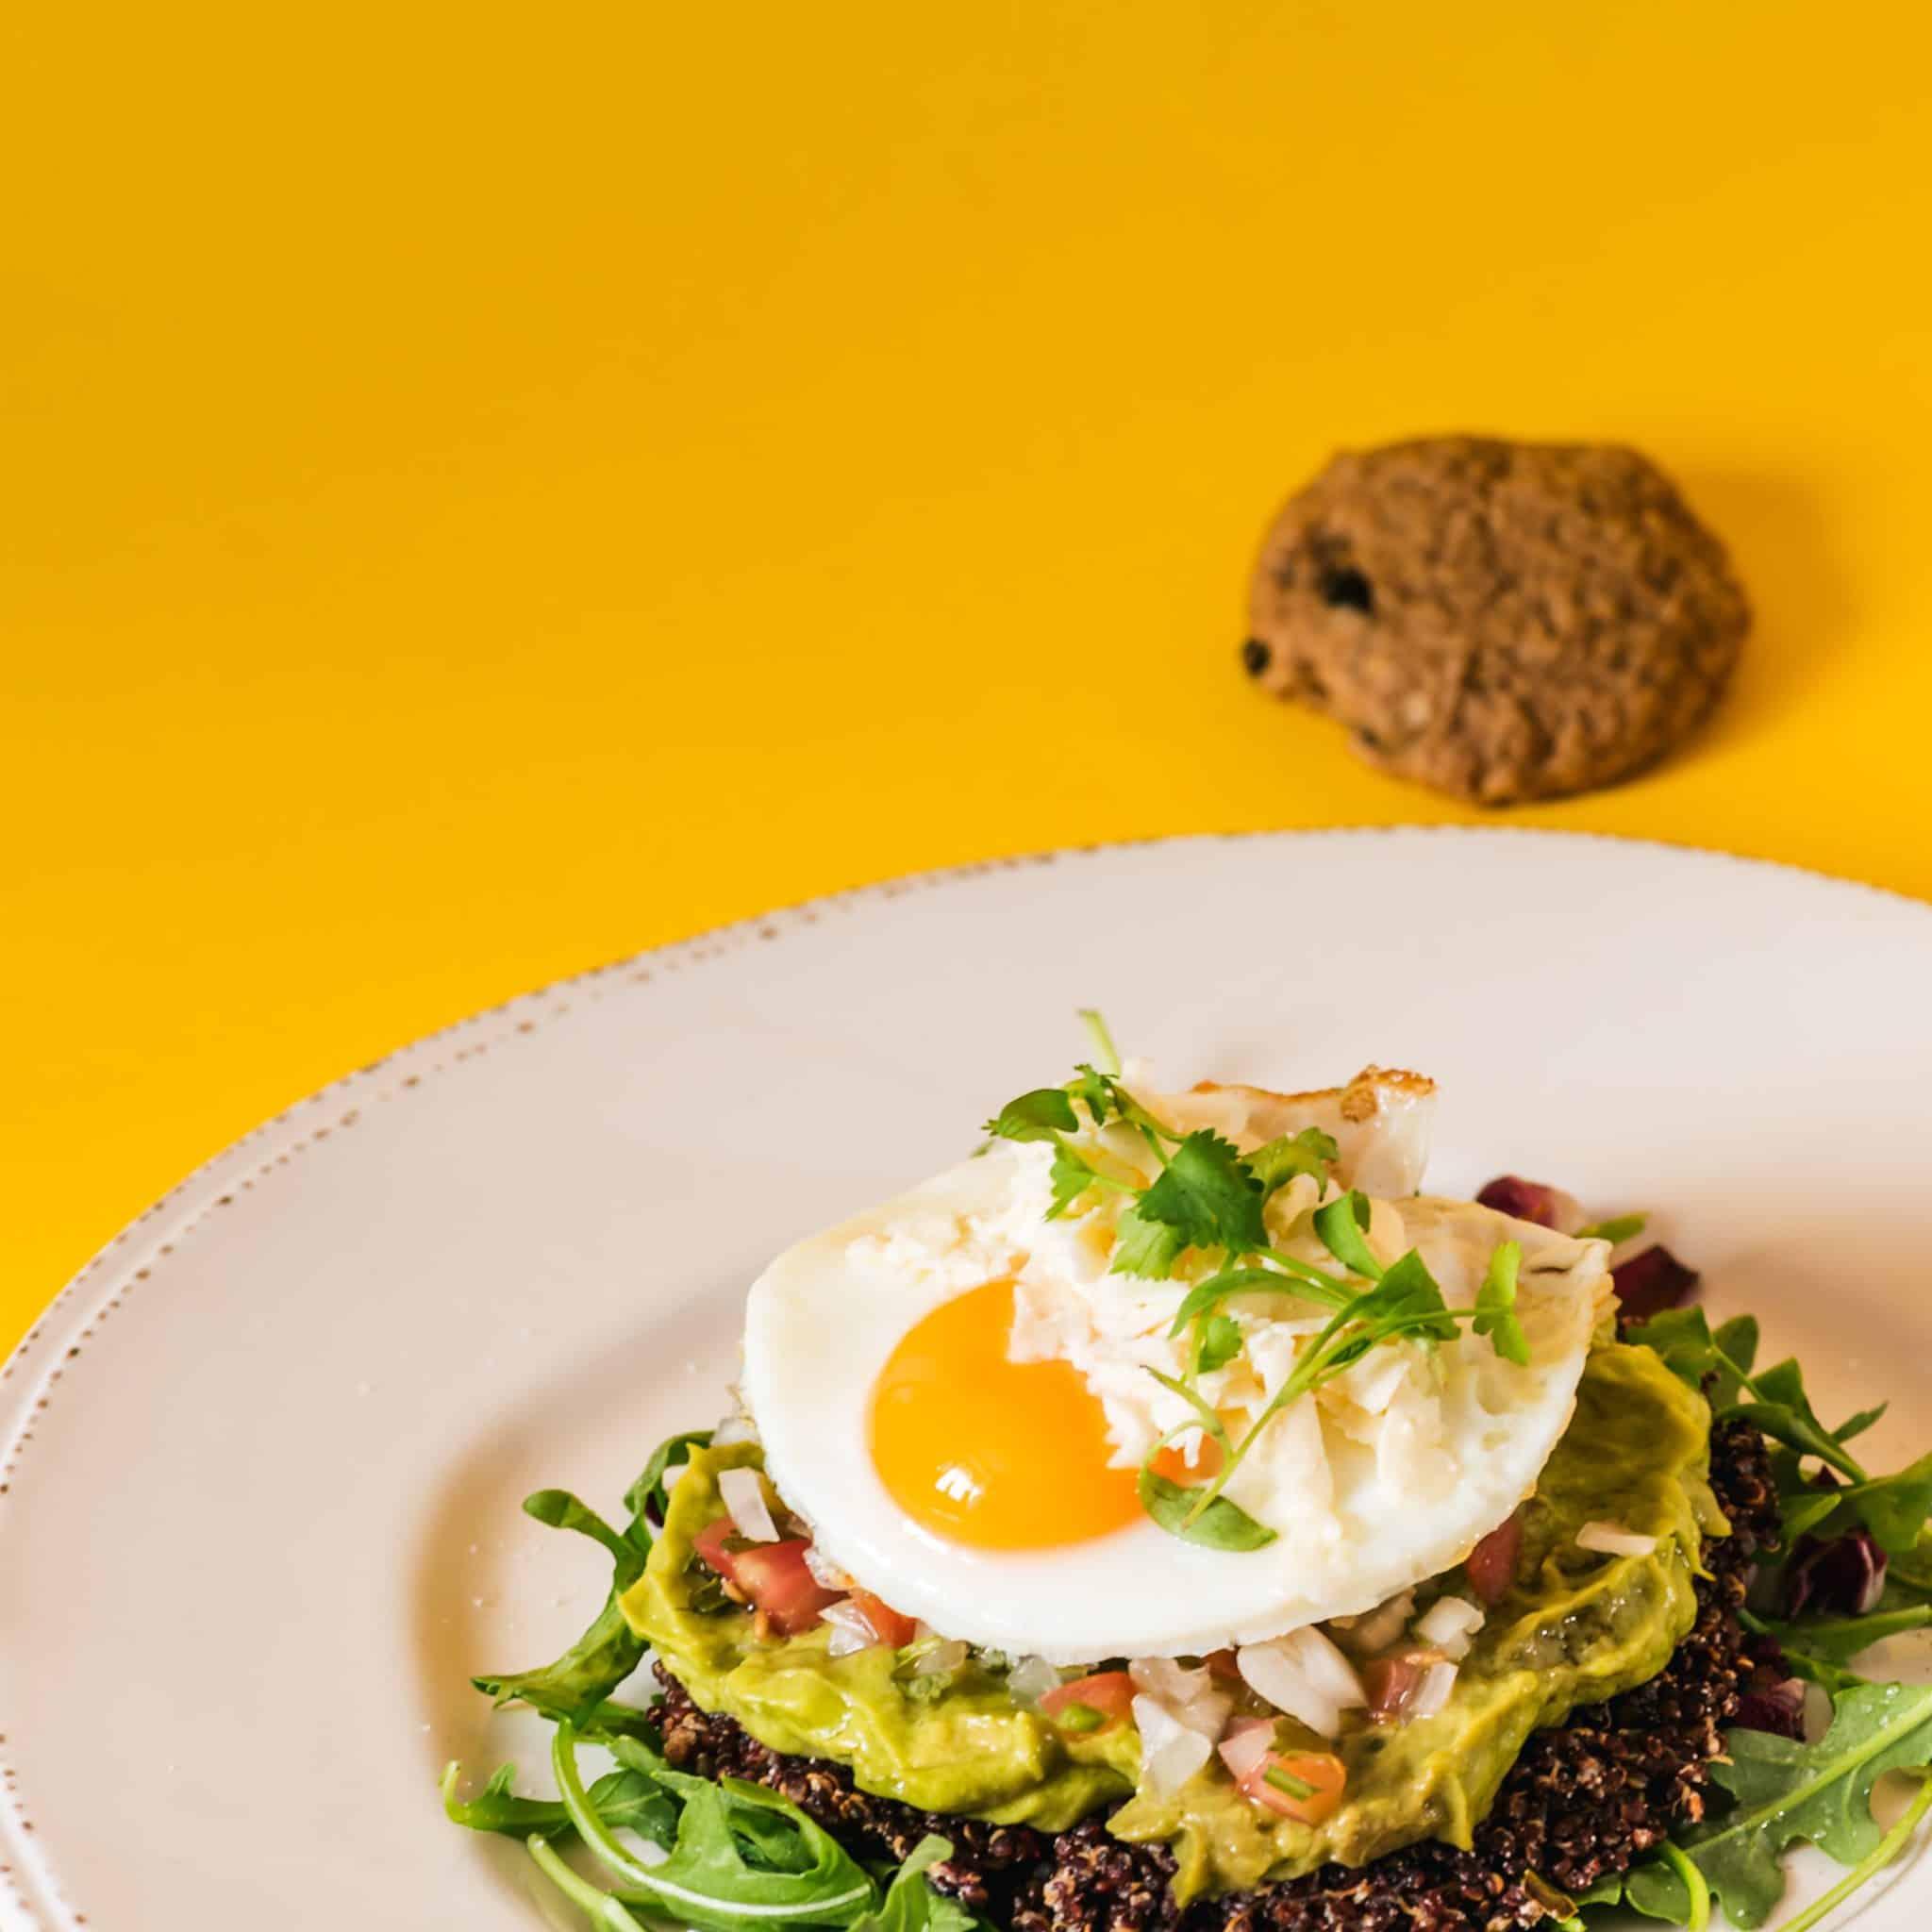 Huevos con quinua, guacamole y picadillo